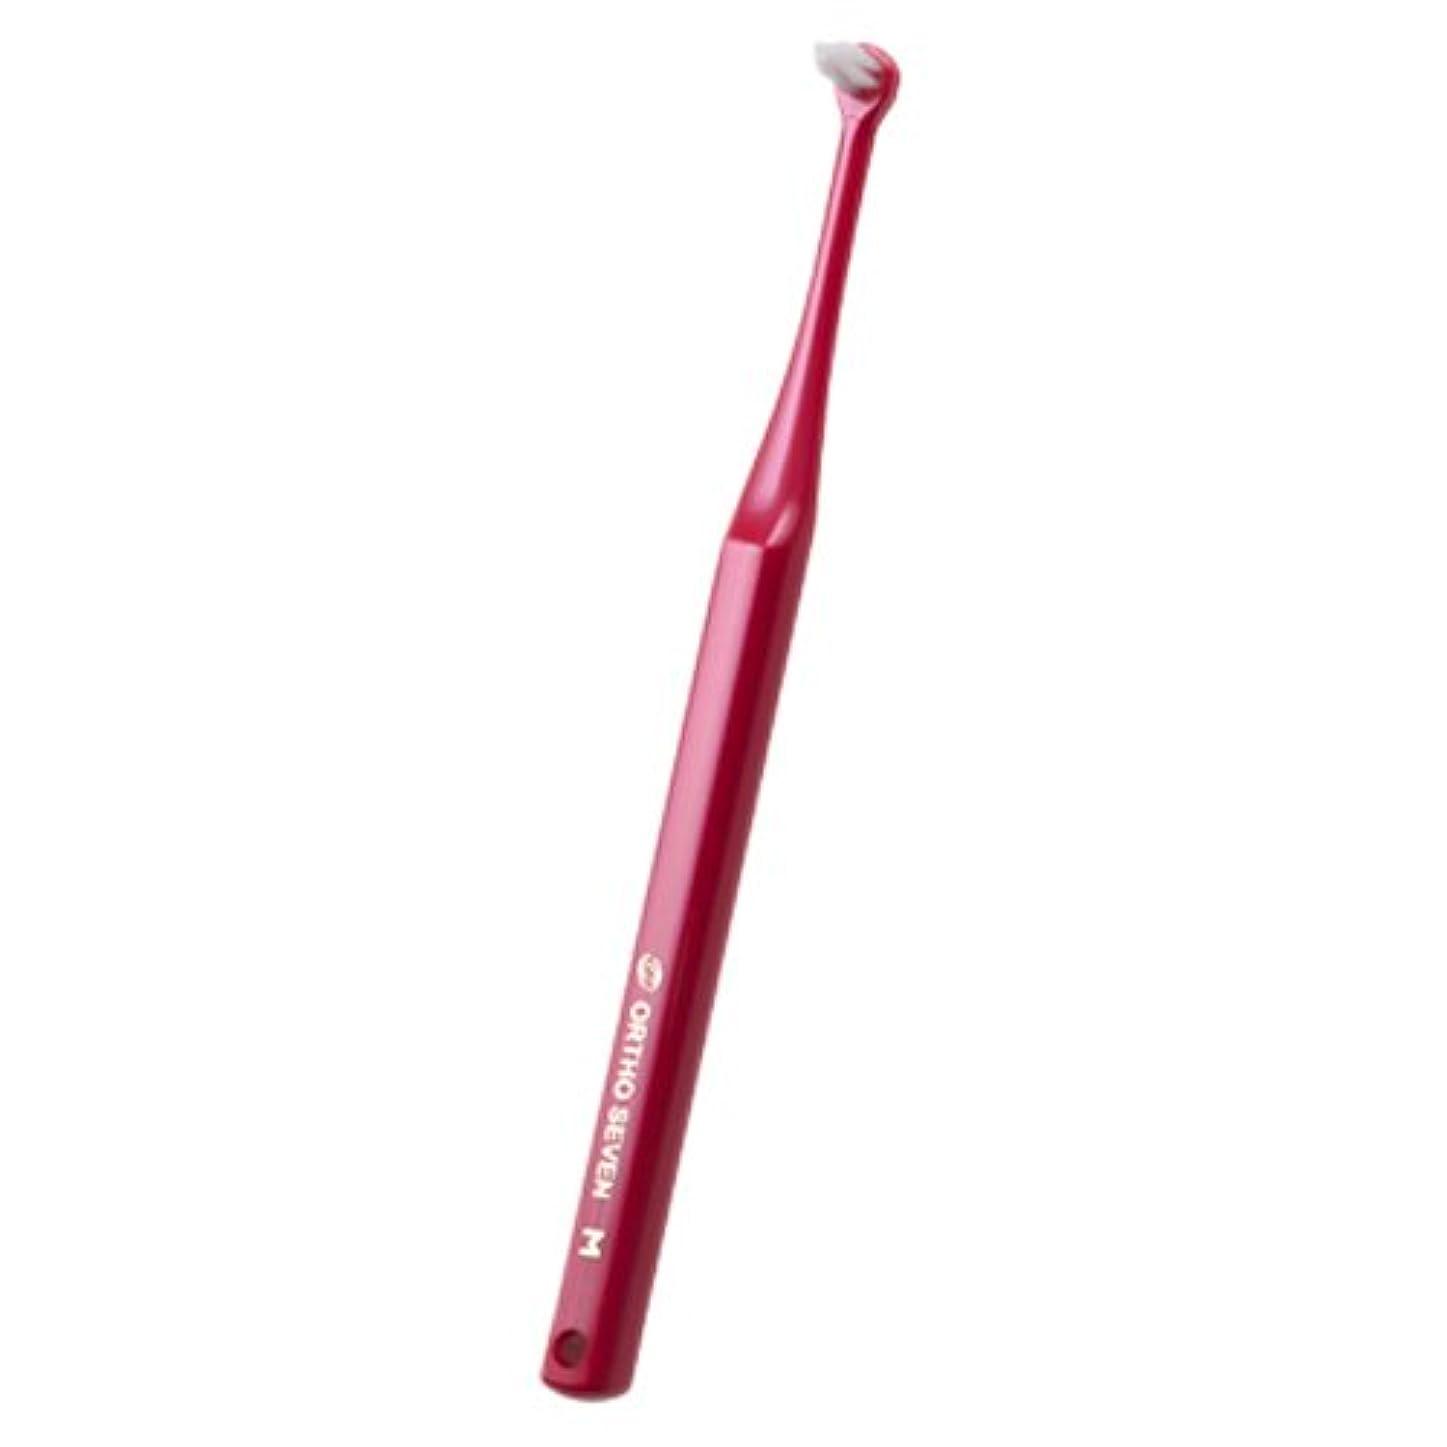 かんがいグラフすごいオーラルケア ORTHOSEVEN オーソセブン 歯ブラシ 1本 パールレッド